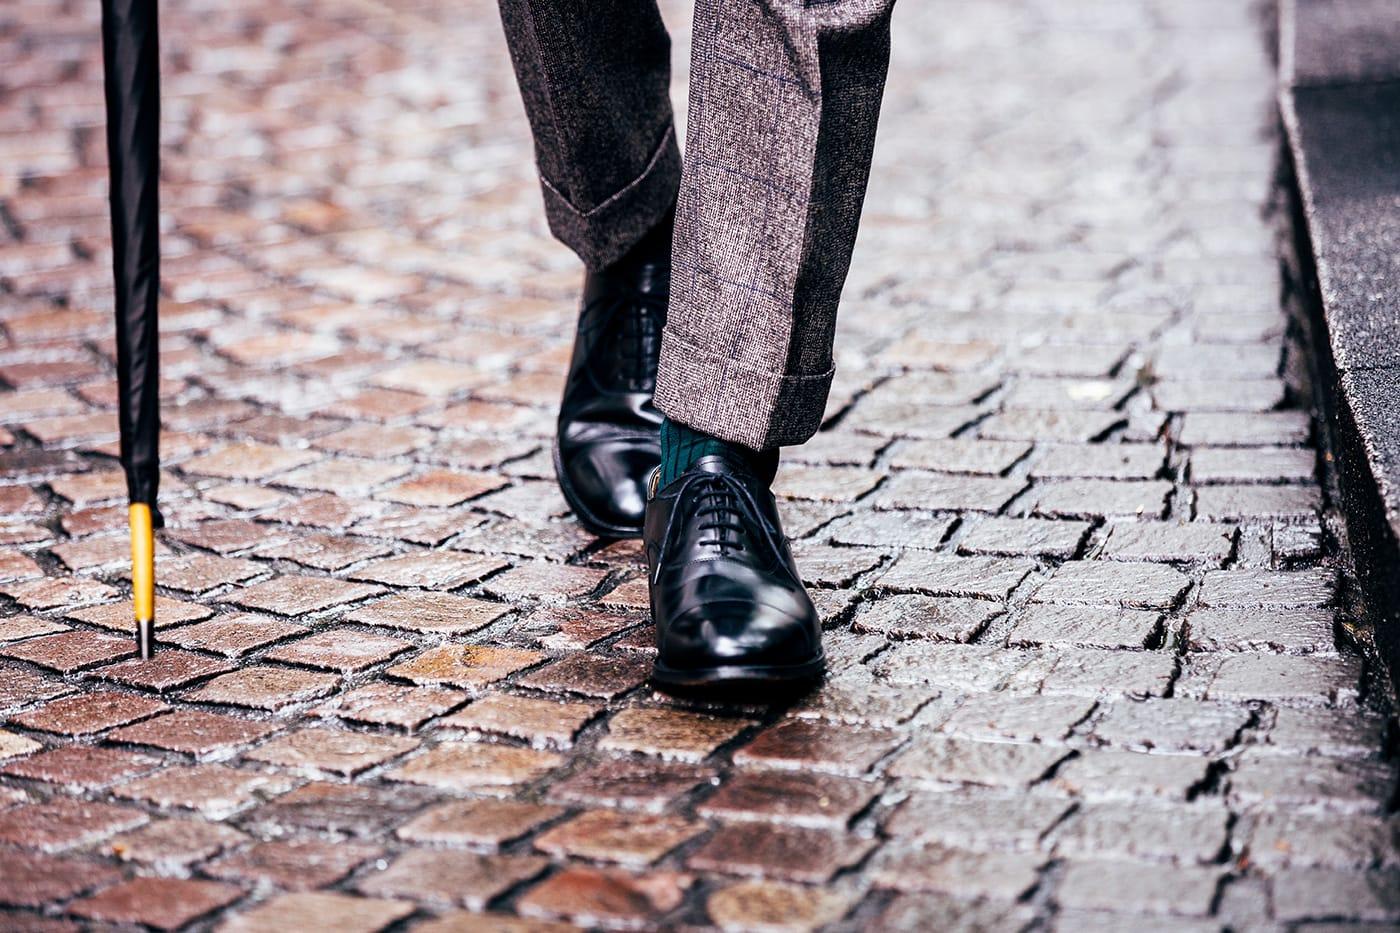 私なりの英国靴への想い 前編|ファッションジャーナリスト 矢部 克已